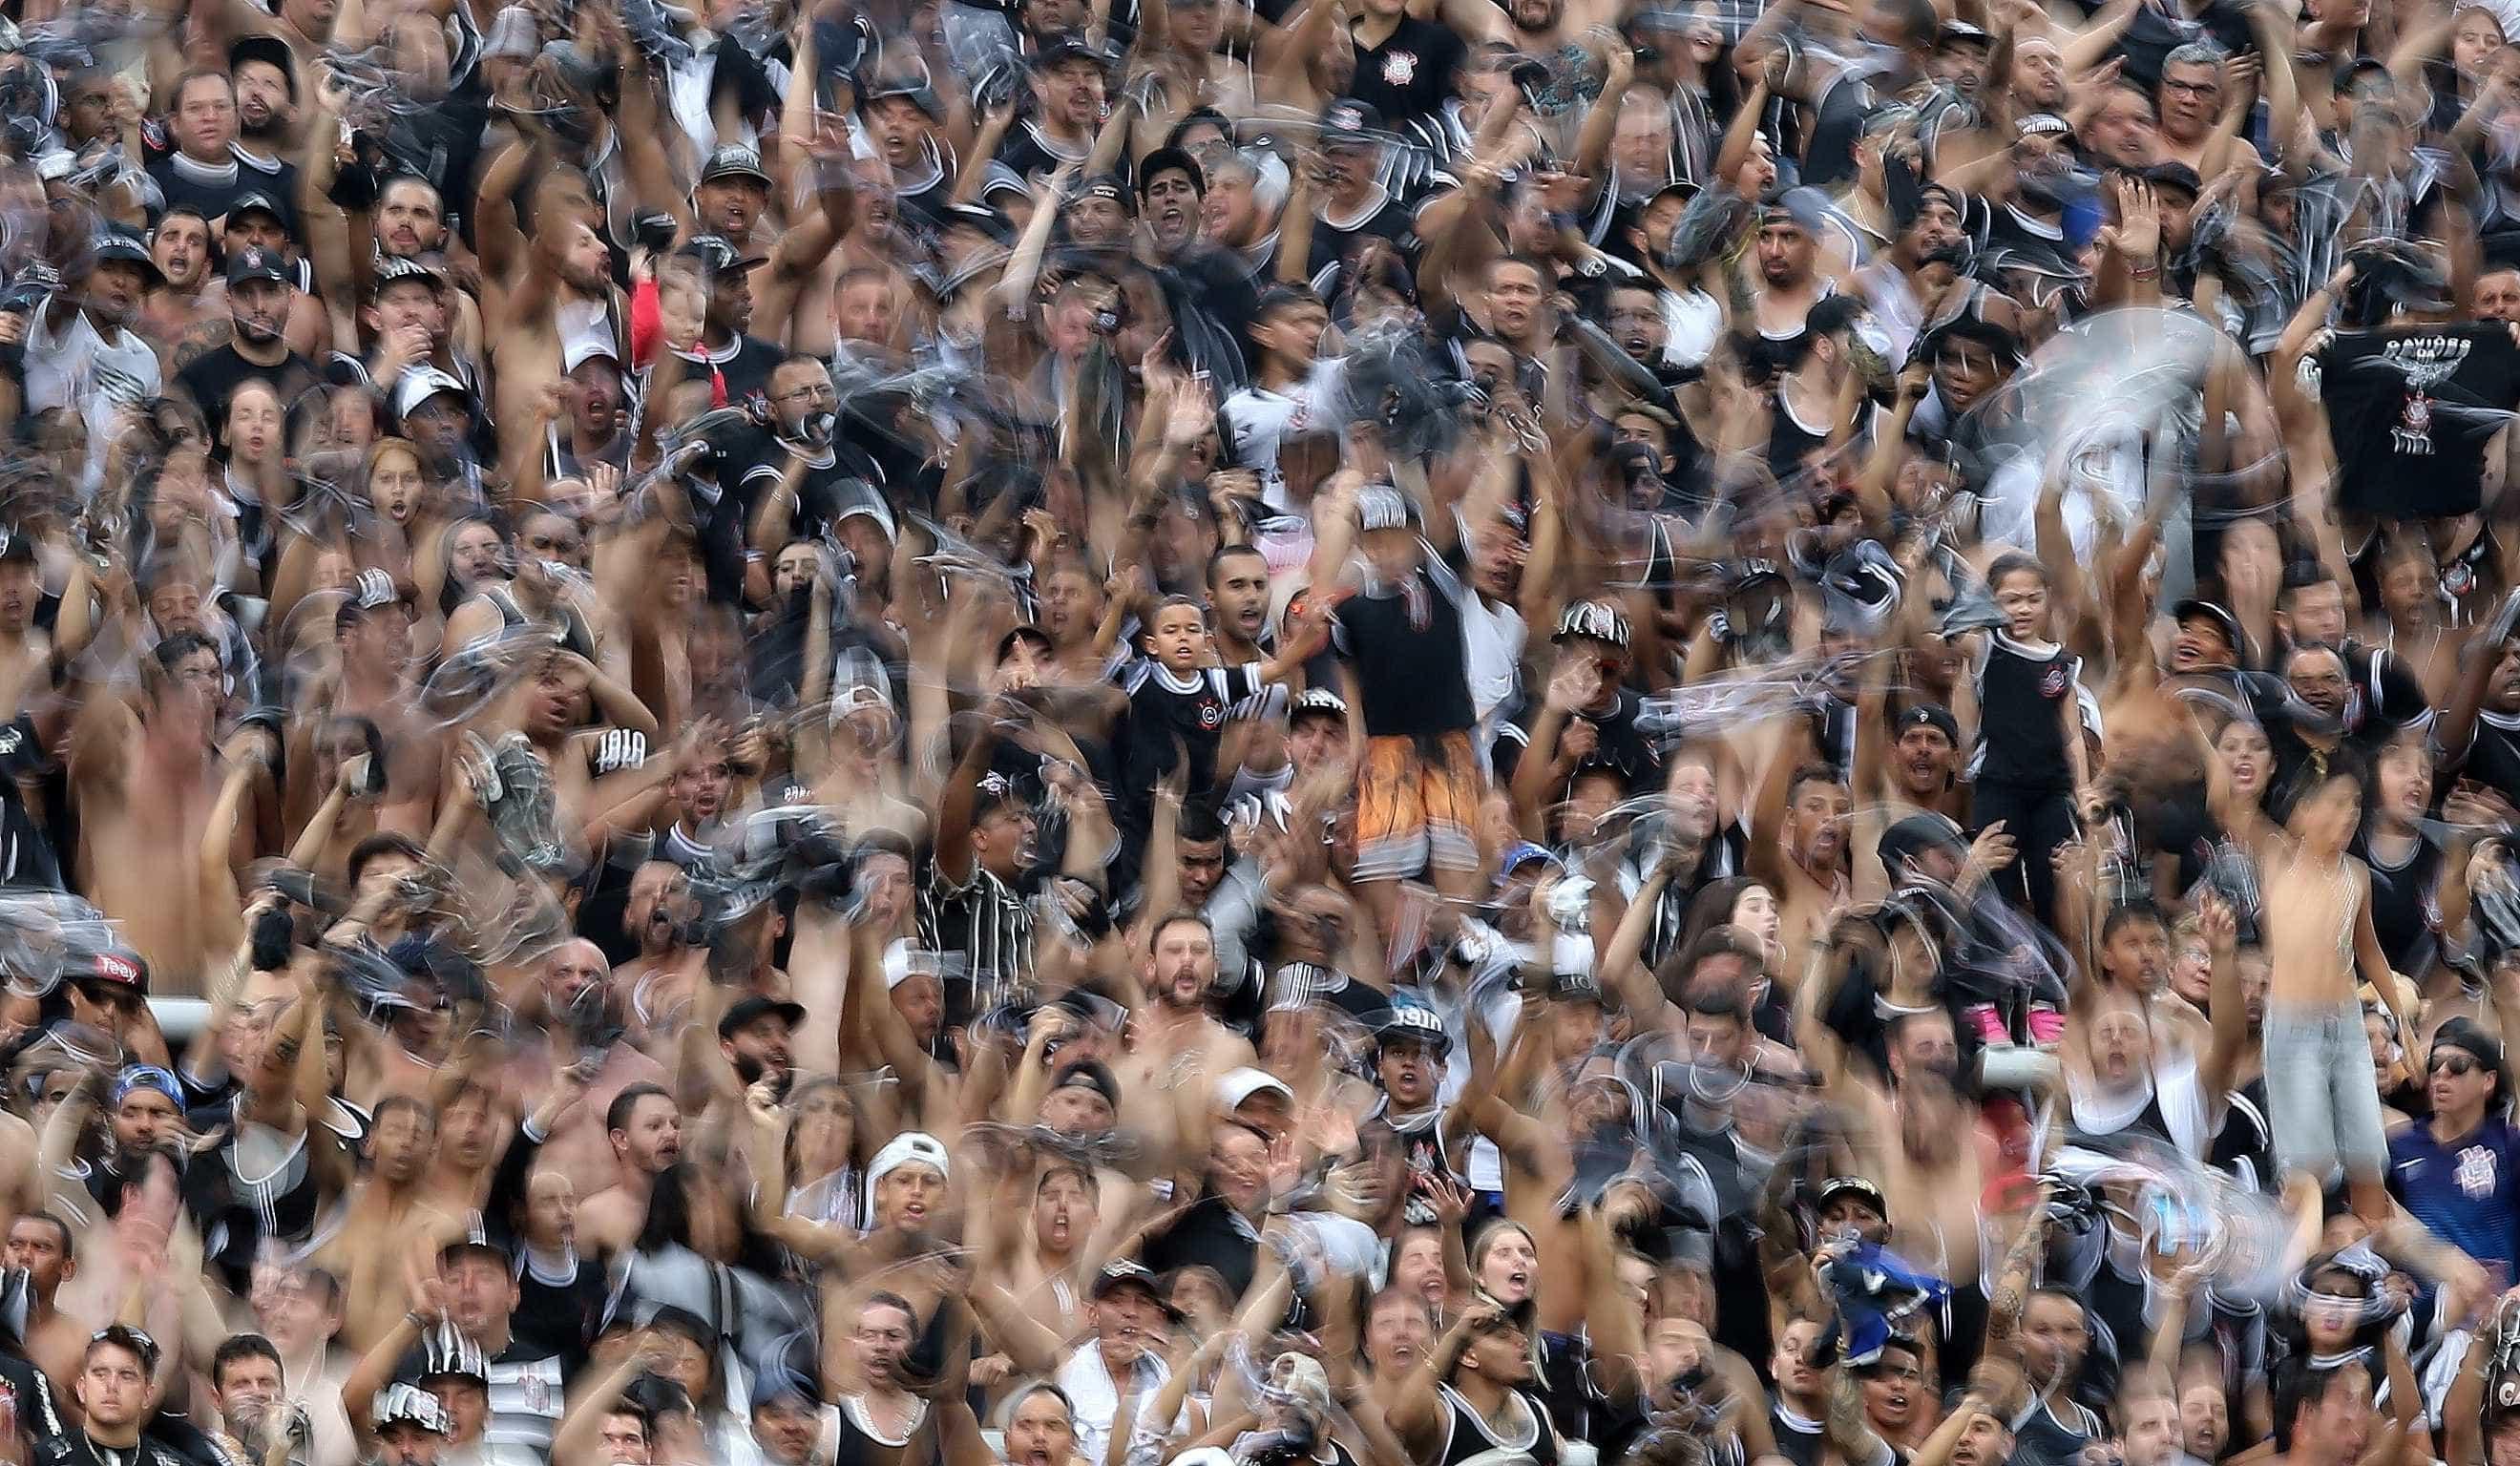 Corinthians recolherá camisa com tons de verde que revoltou torcida